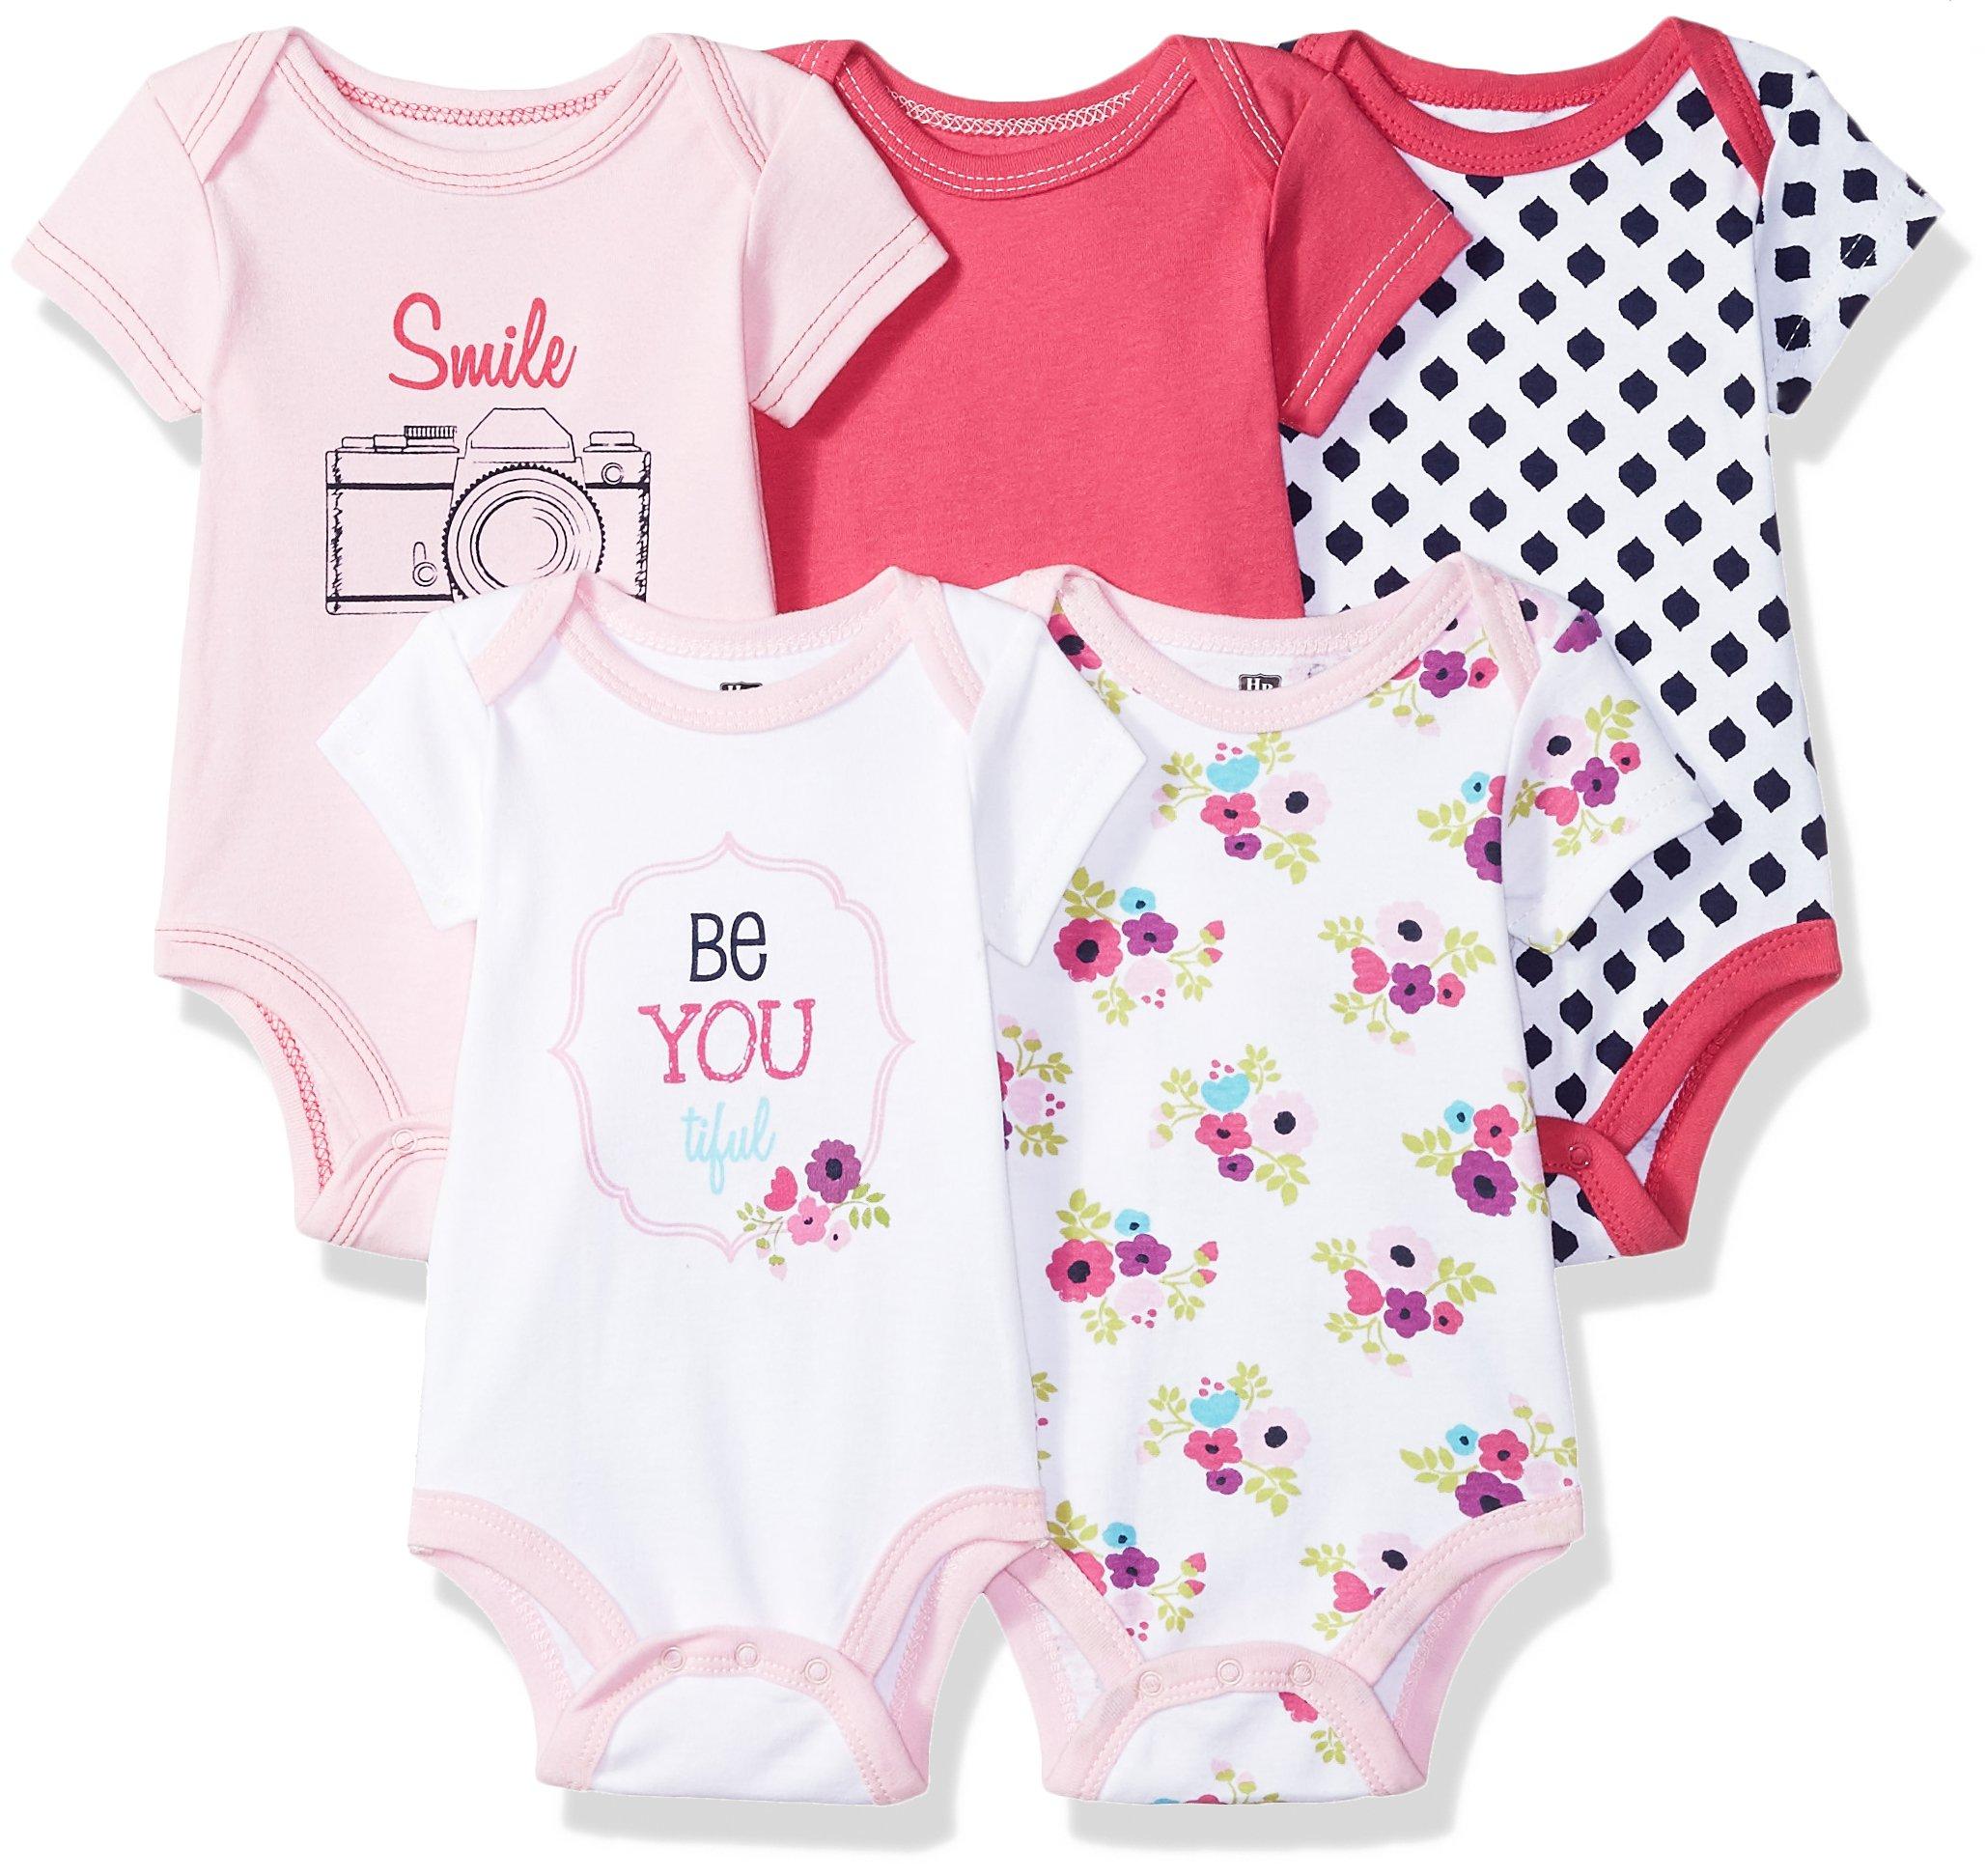 Best onesie for babies